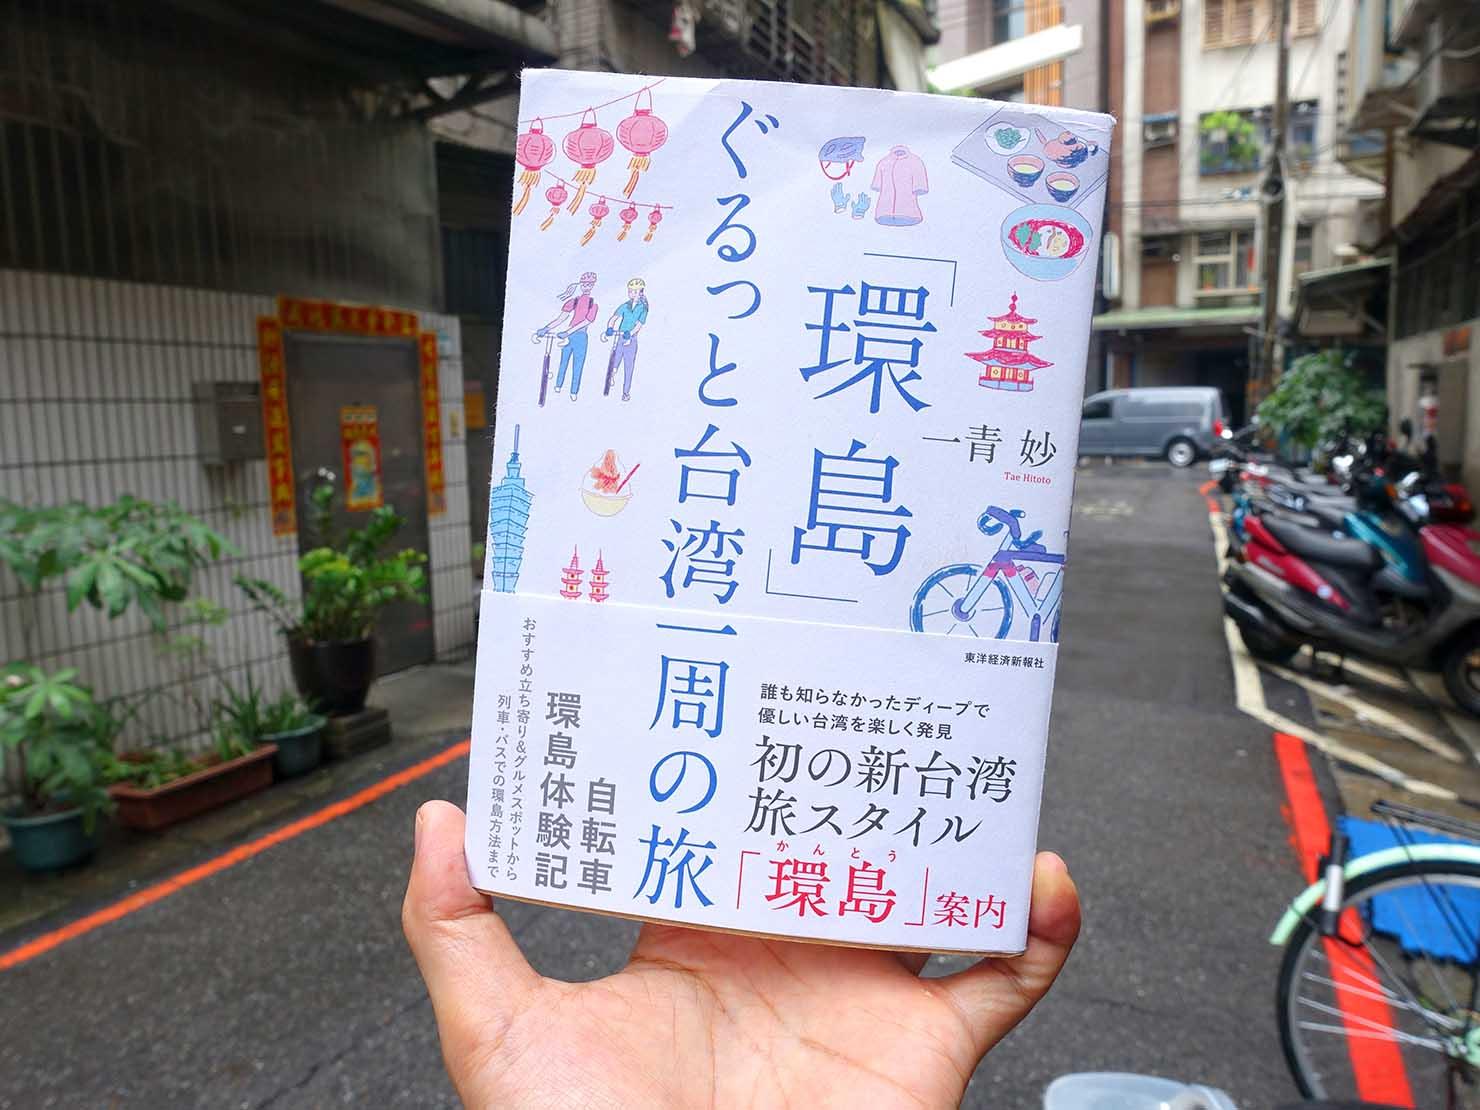 旅気分を盛り上げてくれる台湾一周エッセイのおすすめ作品『「環島」ぐるっと台湾一周の旅』